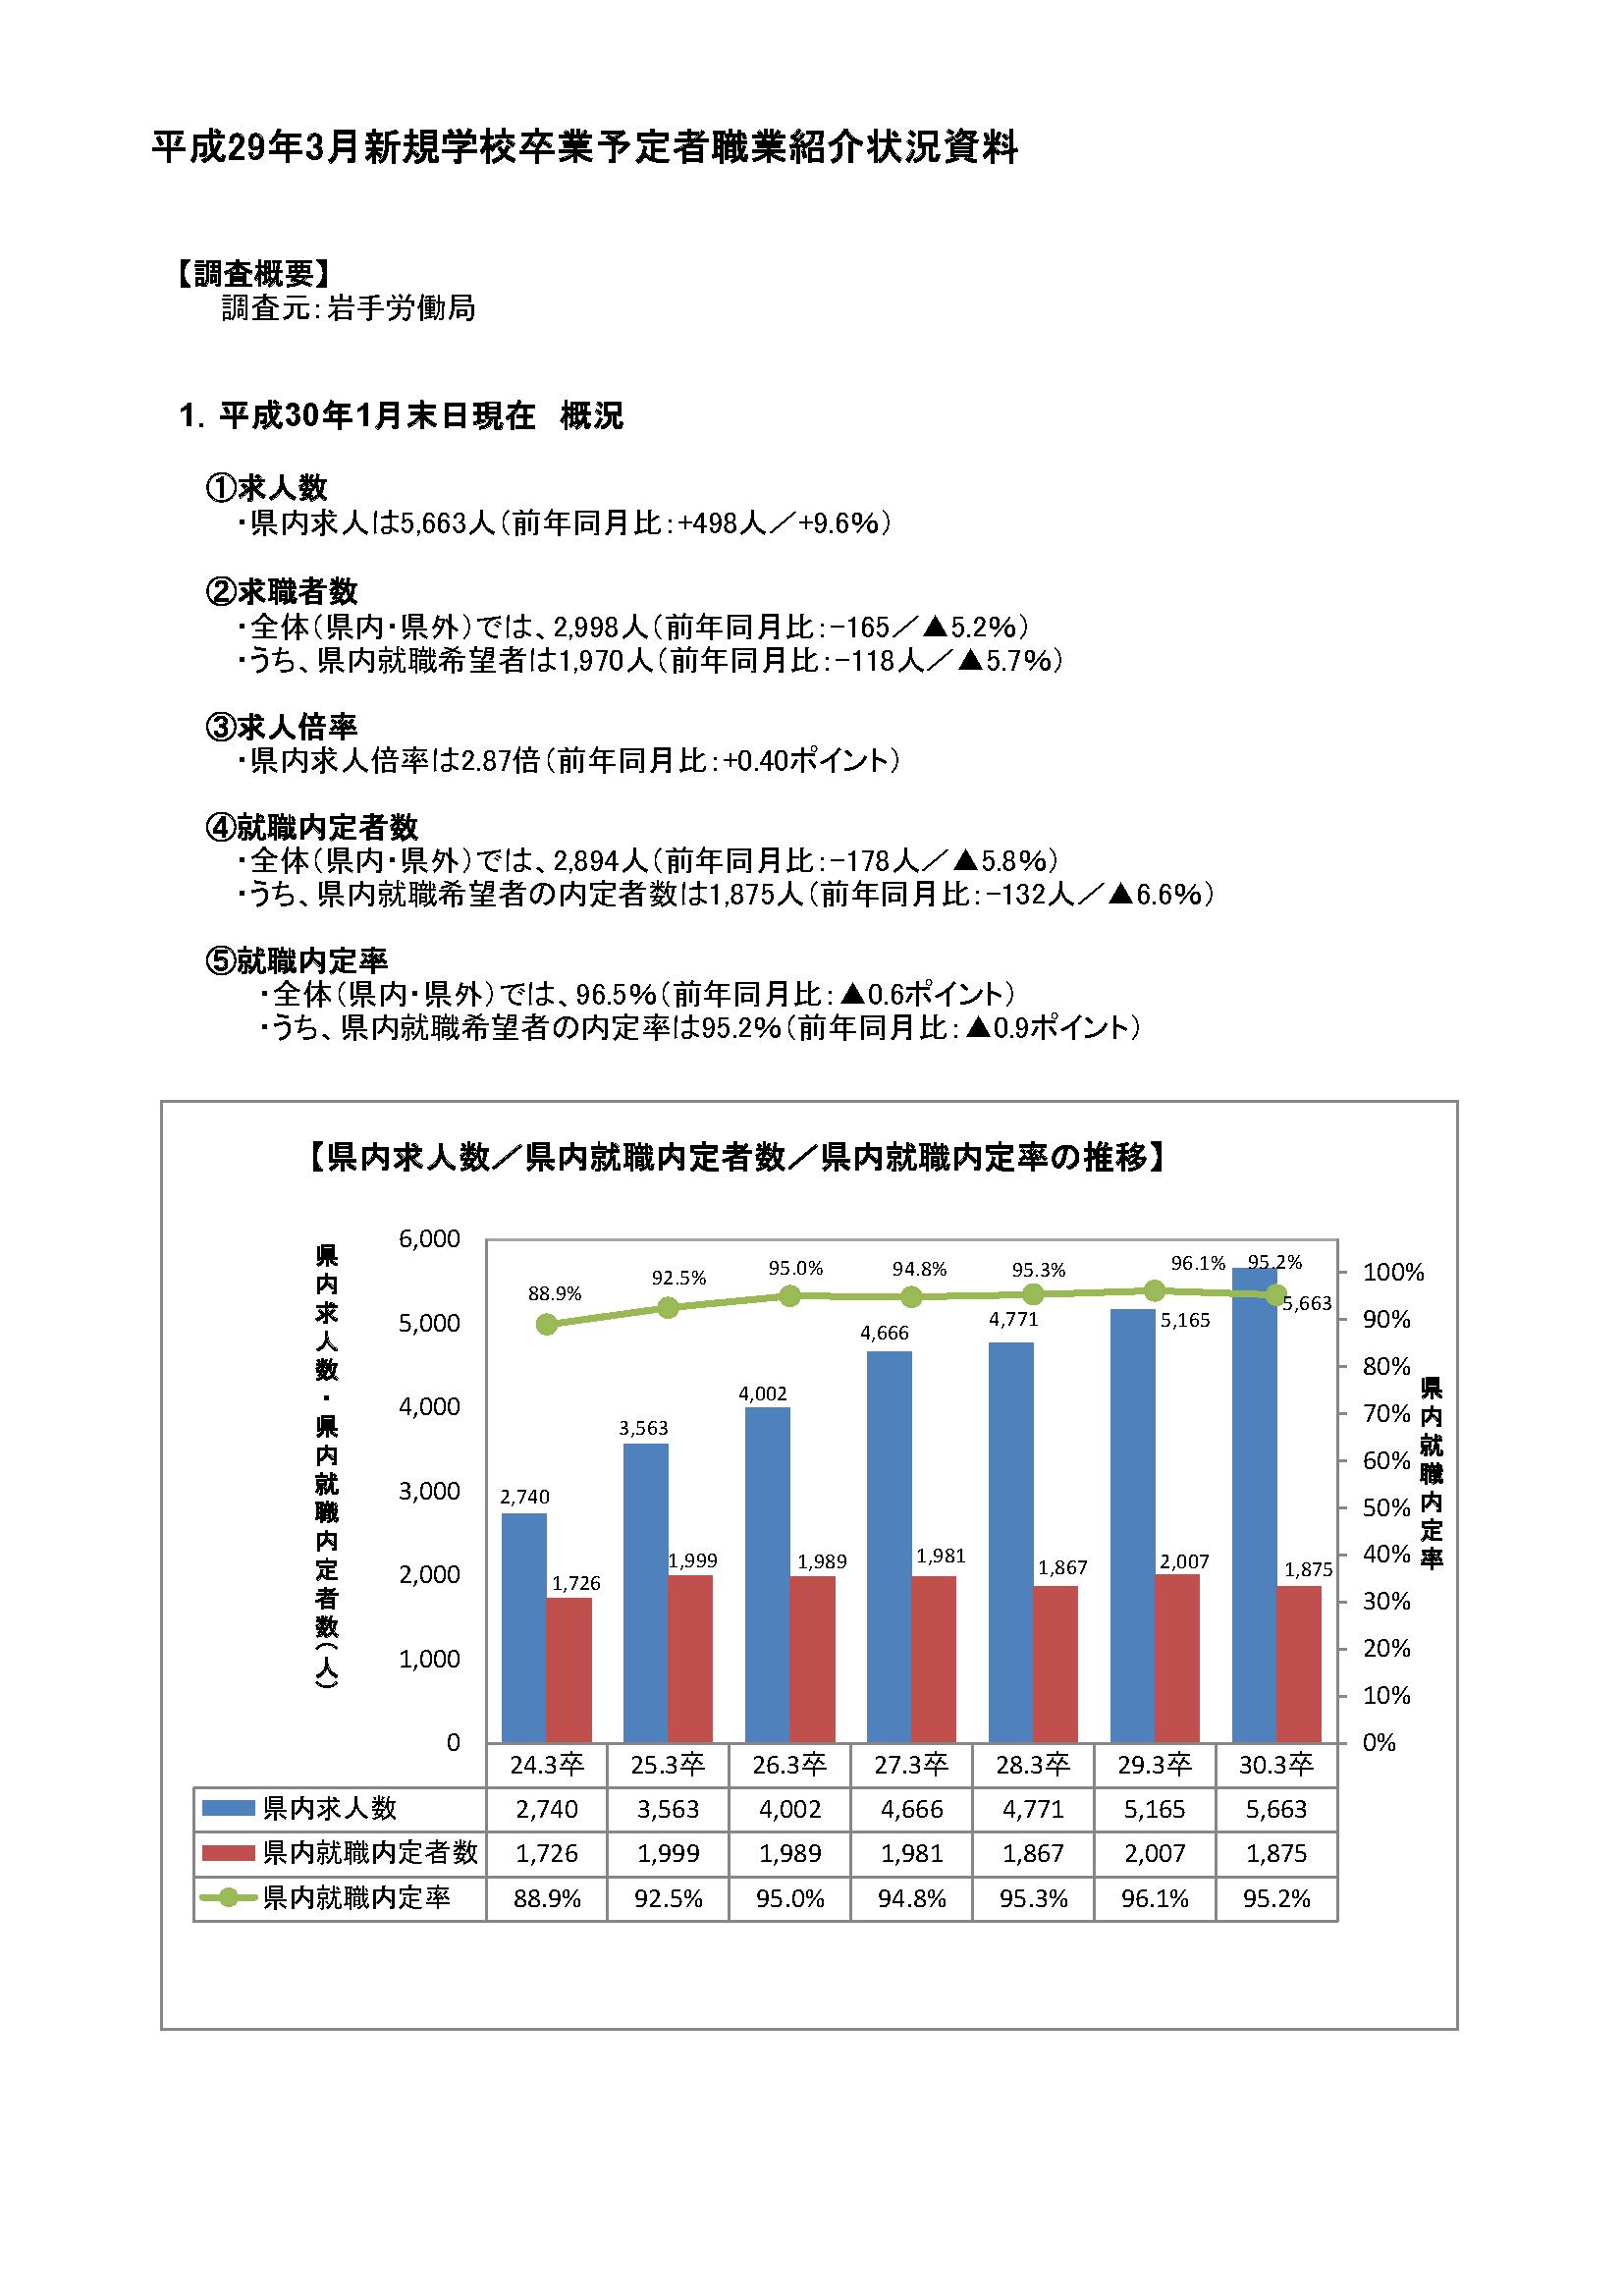 H30.3月高卒者職業紹介状況資料(201901月末現在)